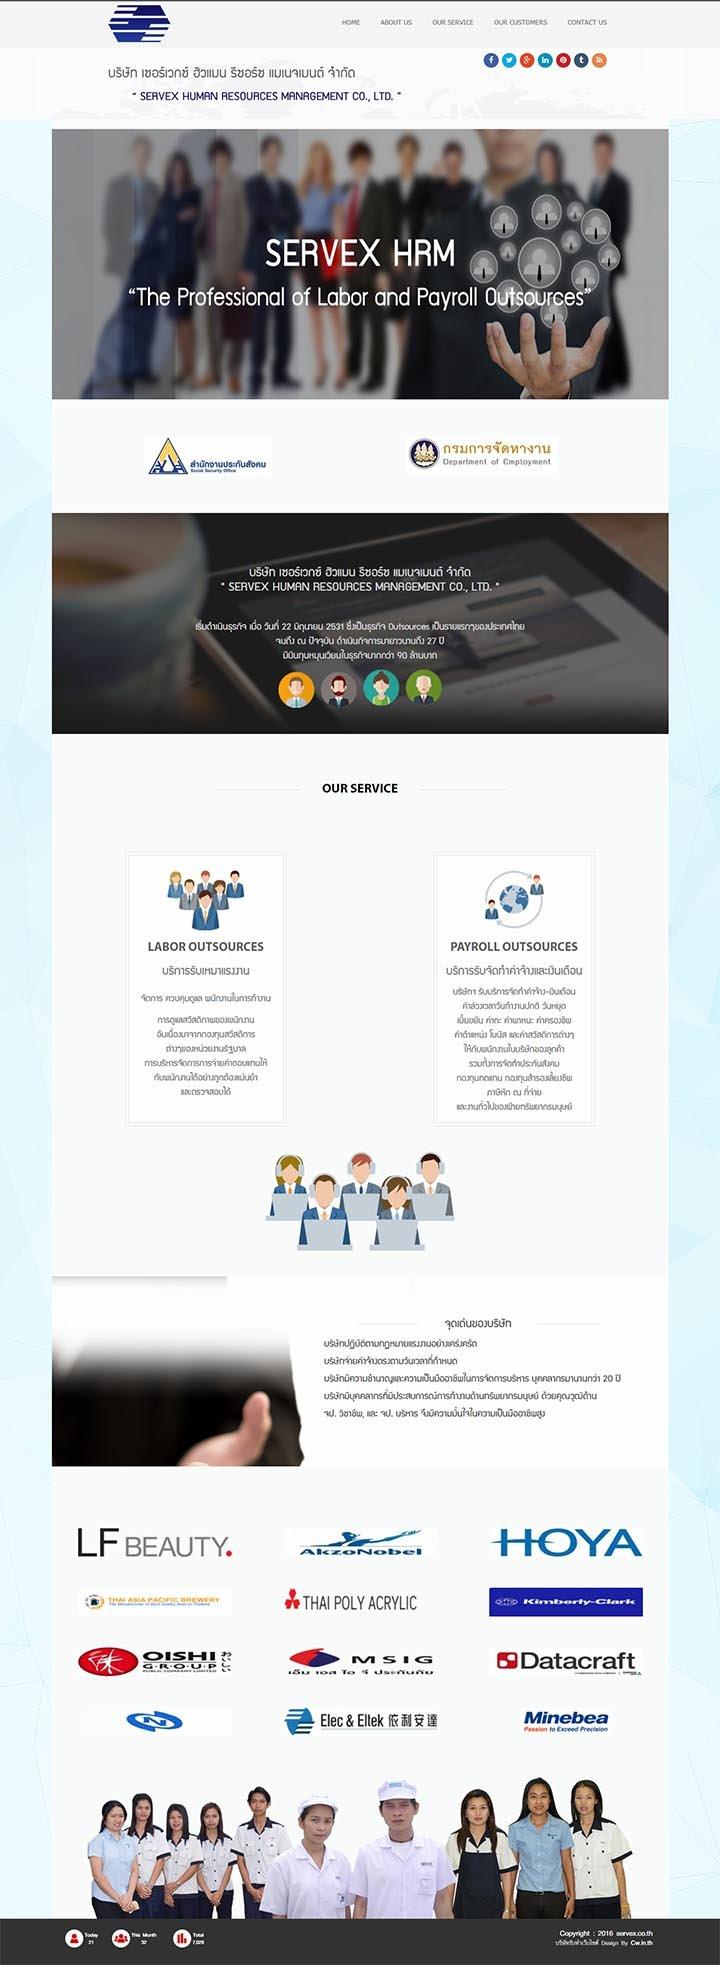 รับทำเว็บไซต์จัดหางาน,บริษัทรับทำเว็บไซต์คัดเลือกบริหารจัดการพนักงานฝ่ายผลิตในโรงงาน